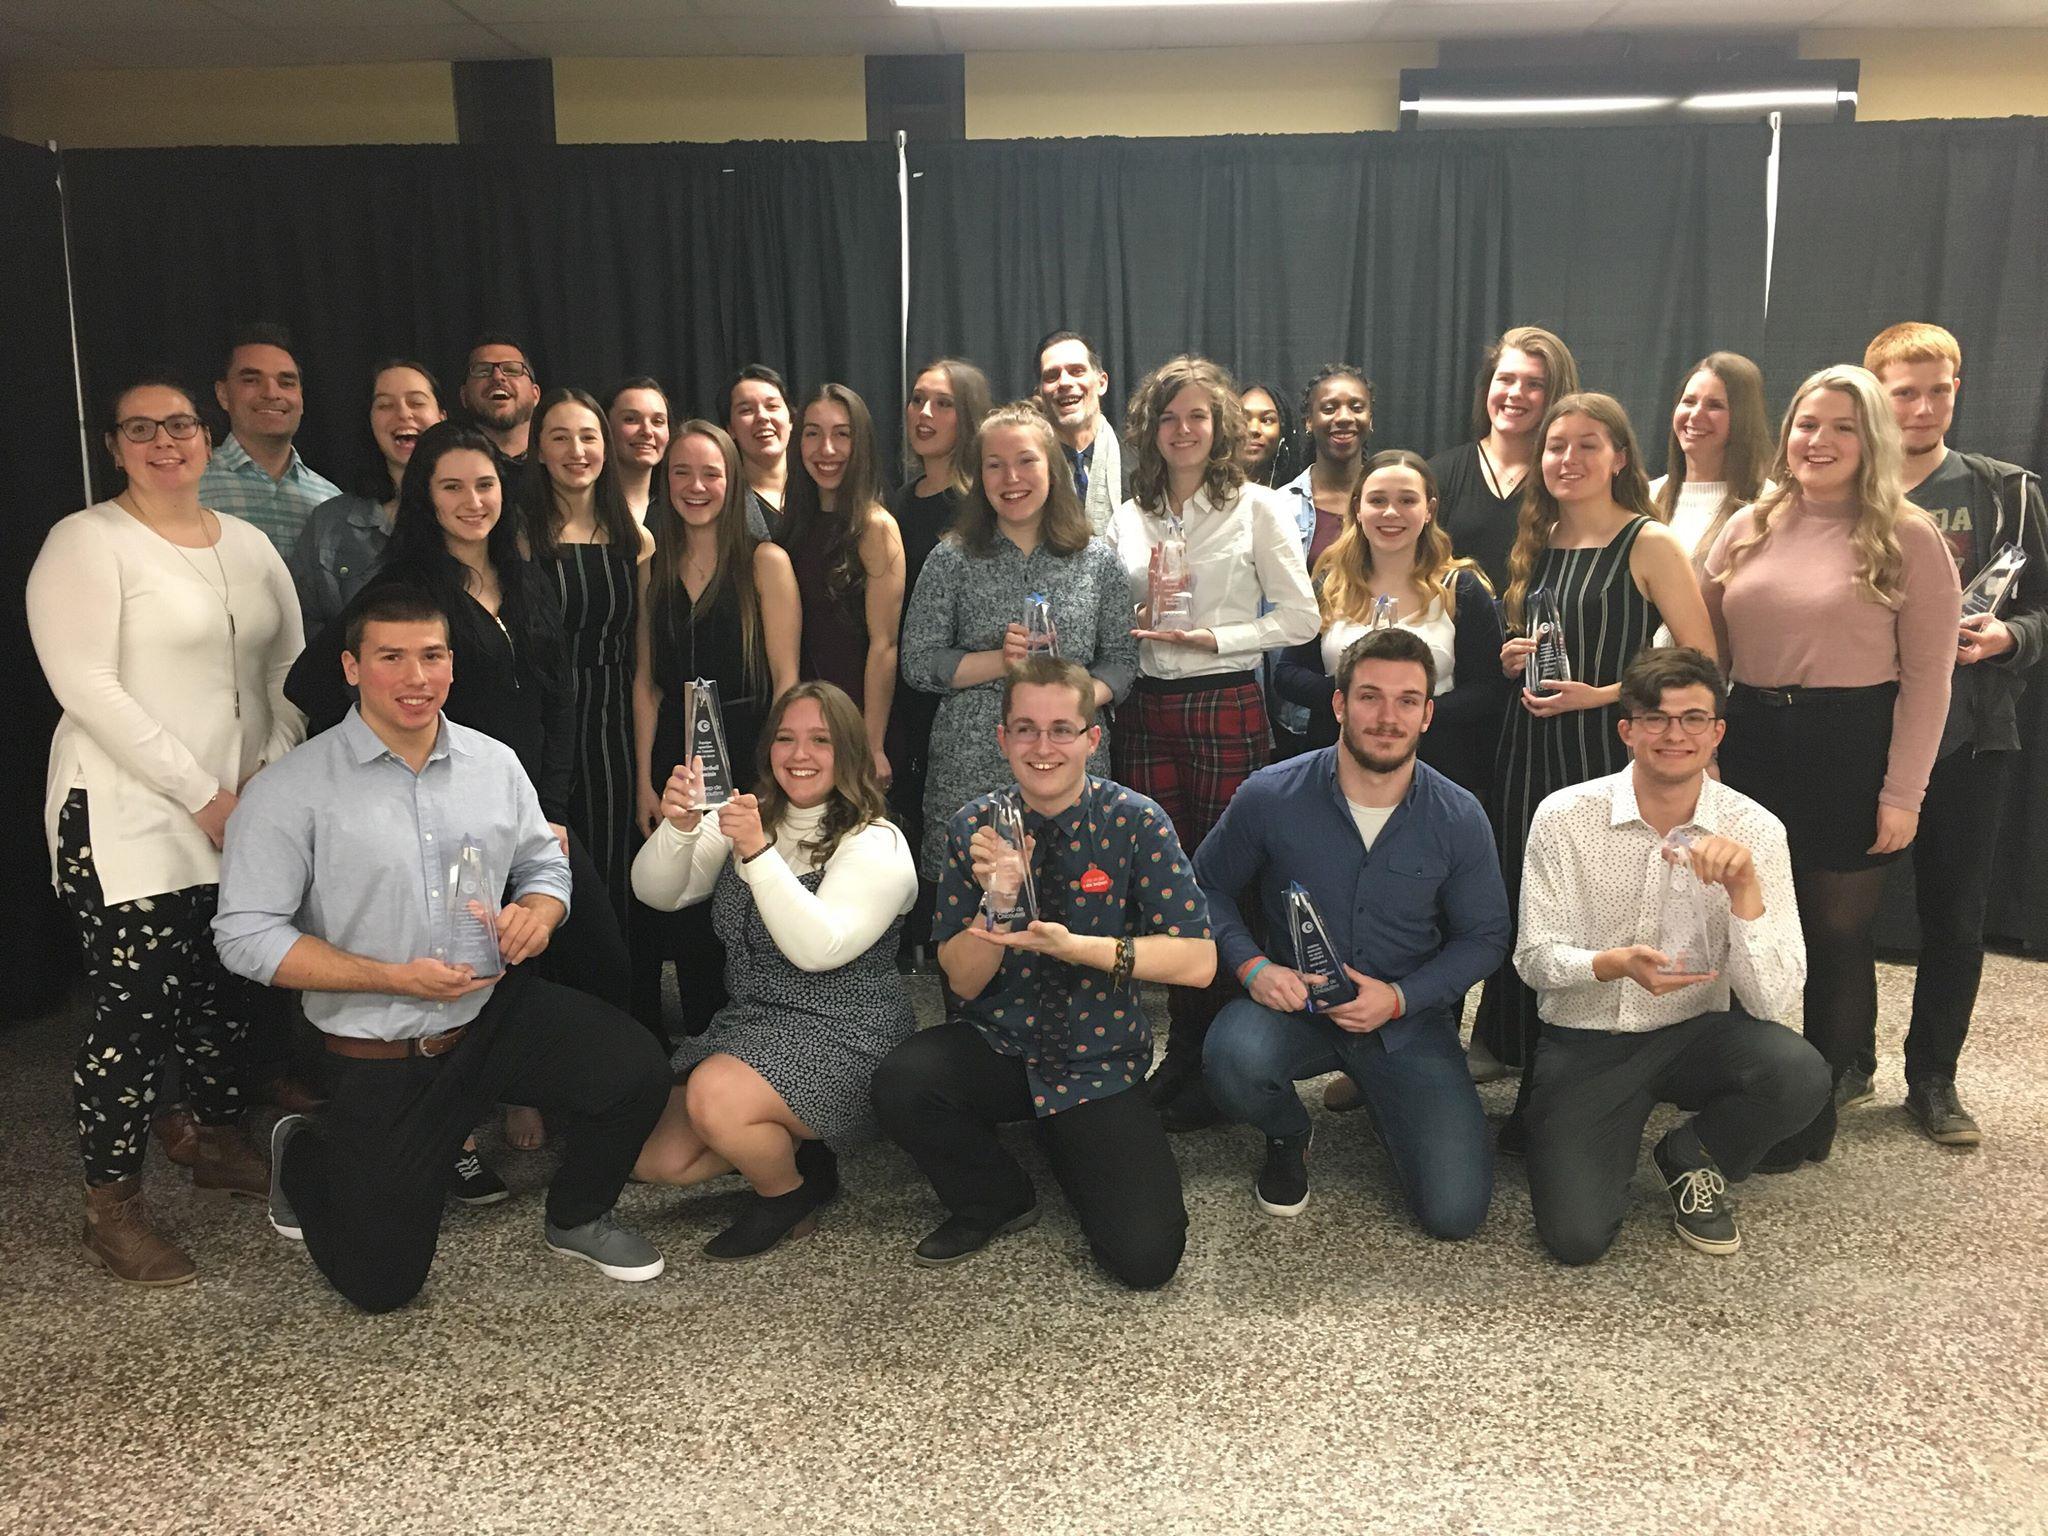 Le Cégep de Chicoutimi a honoré, récemment, les étudiants et organismes de sa vie étudiante qui se sont démarqués durant l'année scolaire 2018-2019.